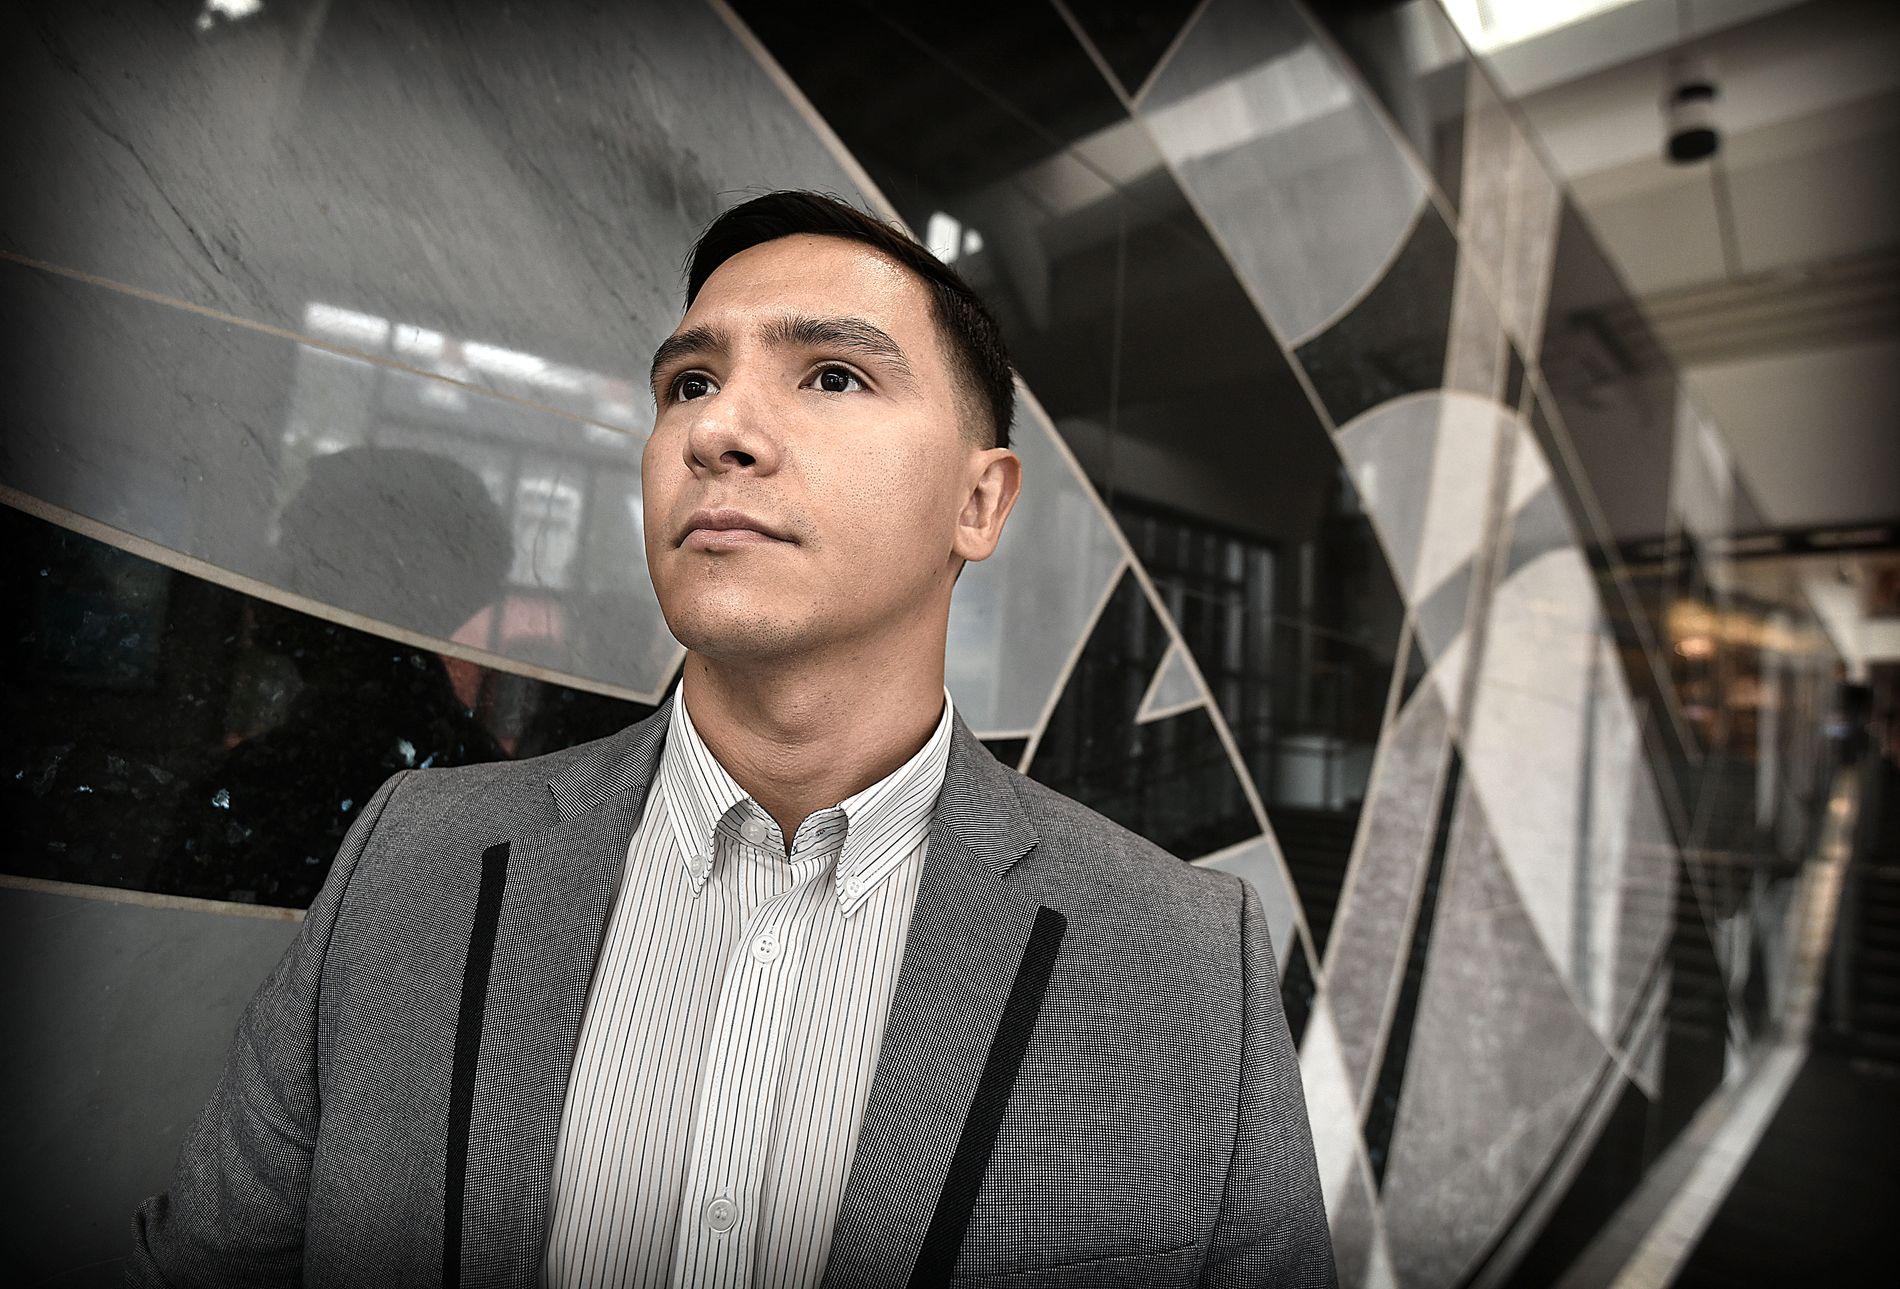 FRYKTER FOR LIVET: Frederik González flyktet fra Venezuela i september i fjor.